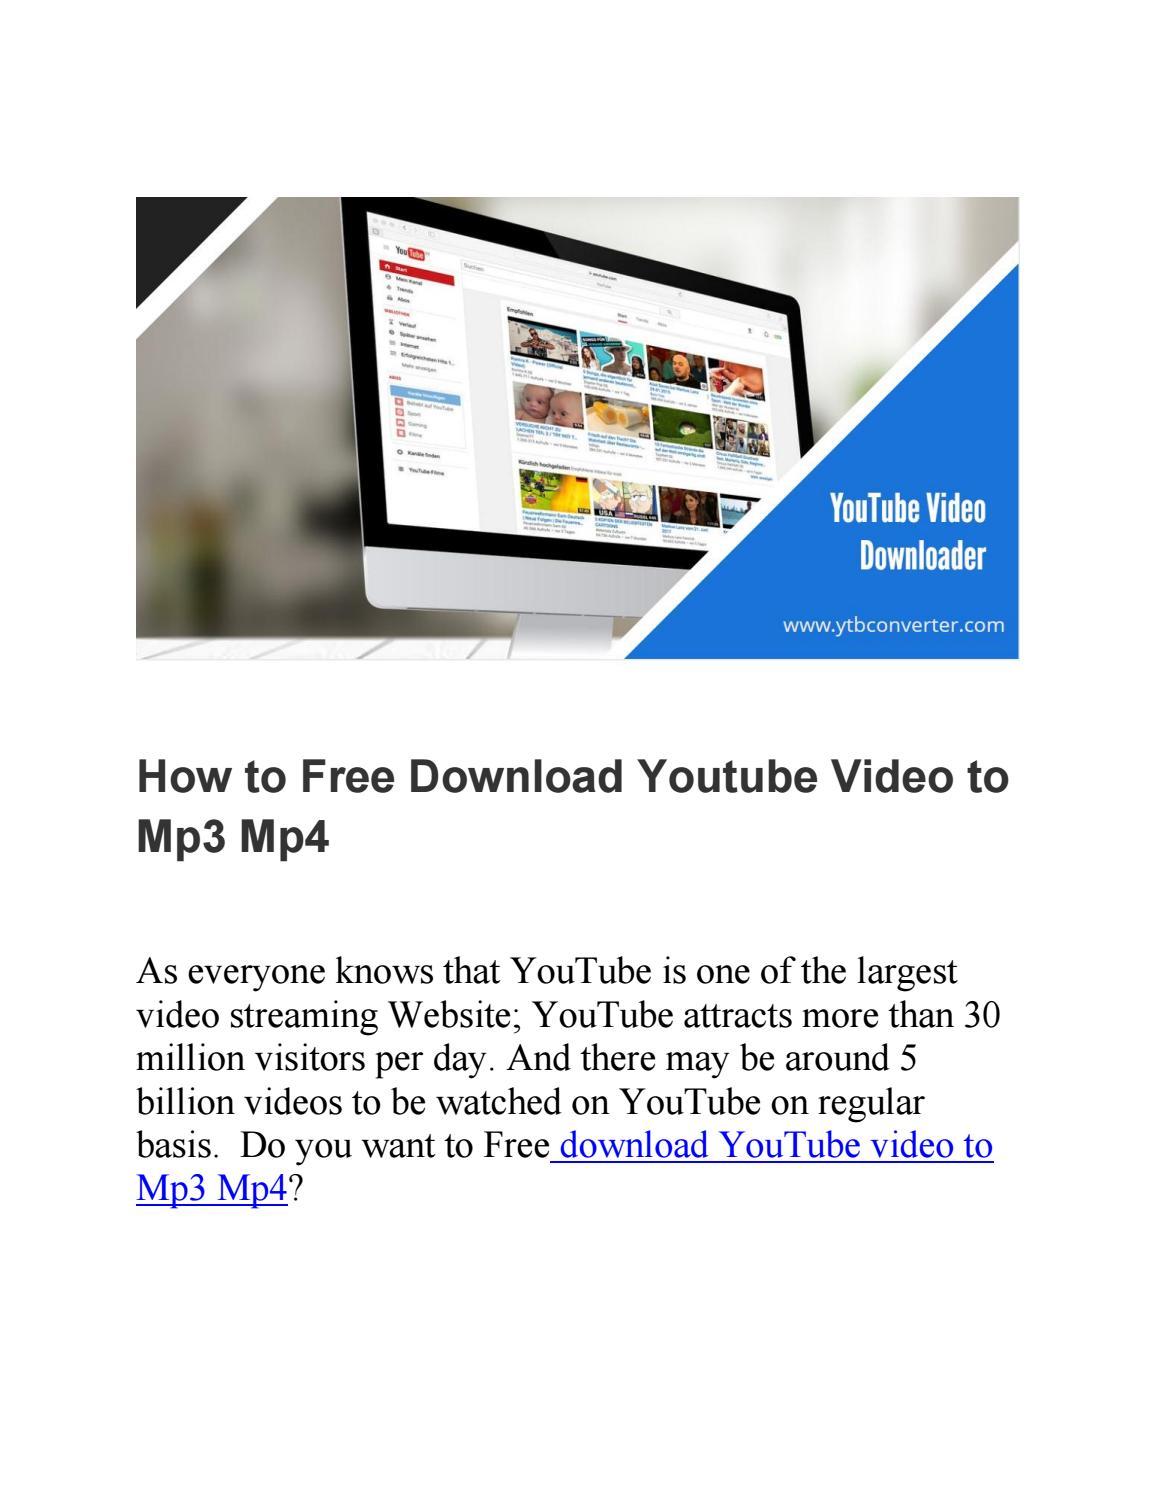 descargar videos de youtube a mp3 y mp4 online